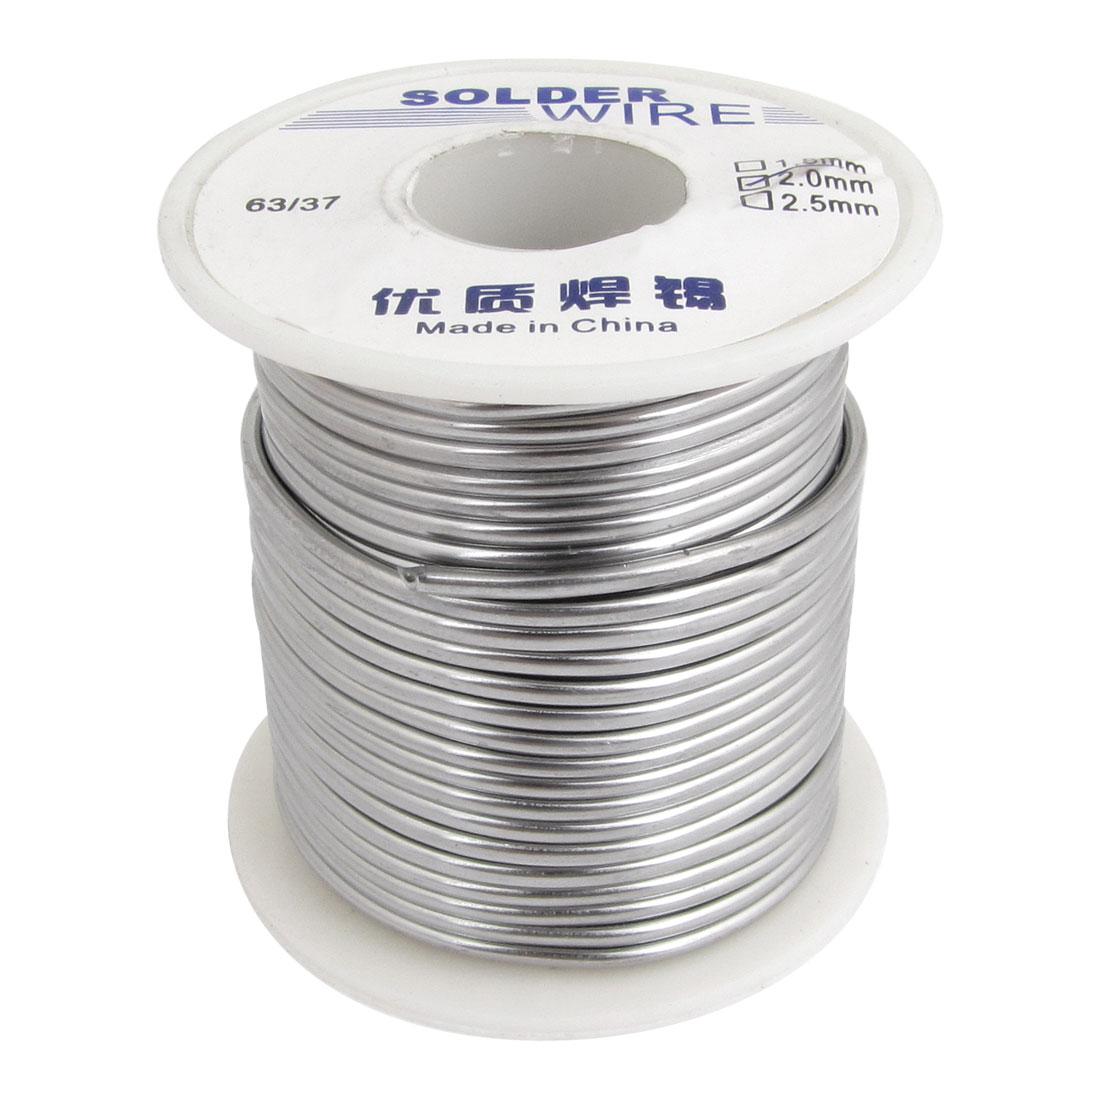 2.0mm Diameter 63/37 Tin Lead Roll Alloy Weld Solder Wire Spool Reel